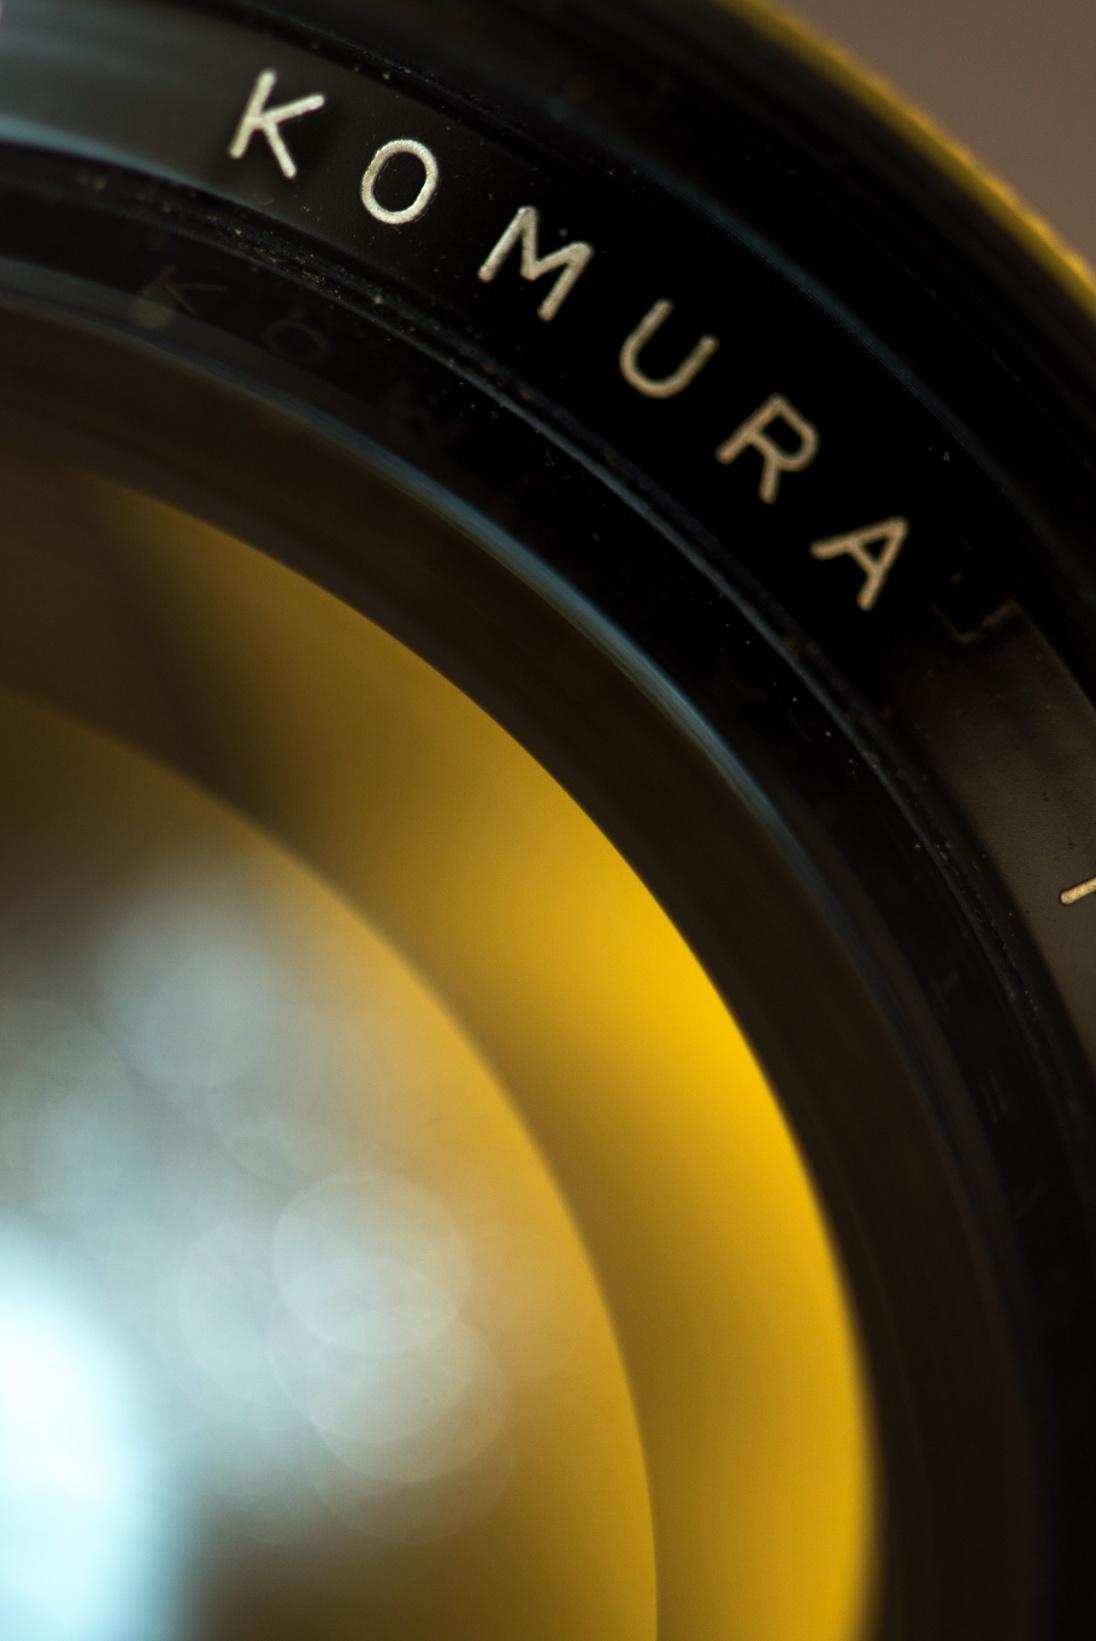 Komura 135mm f-2.8-2